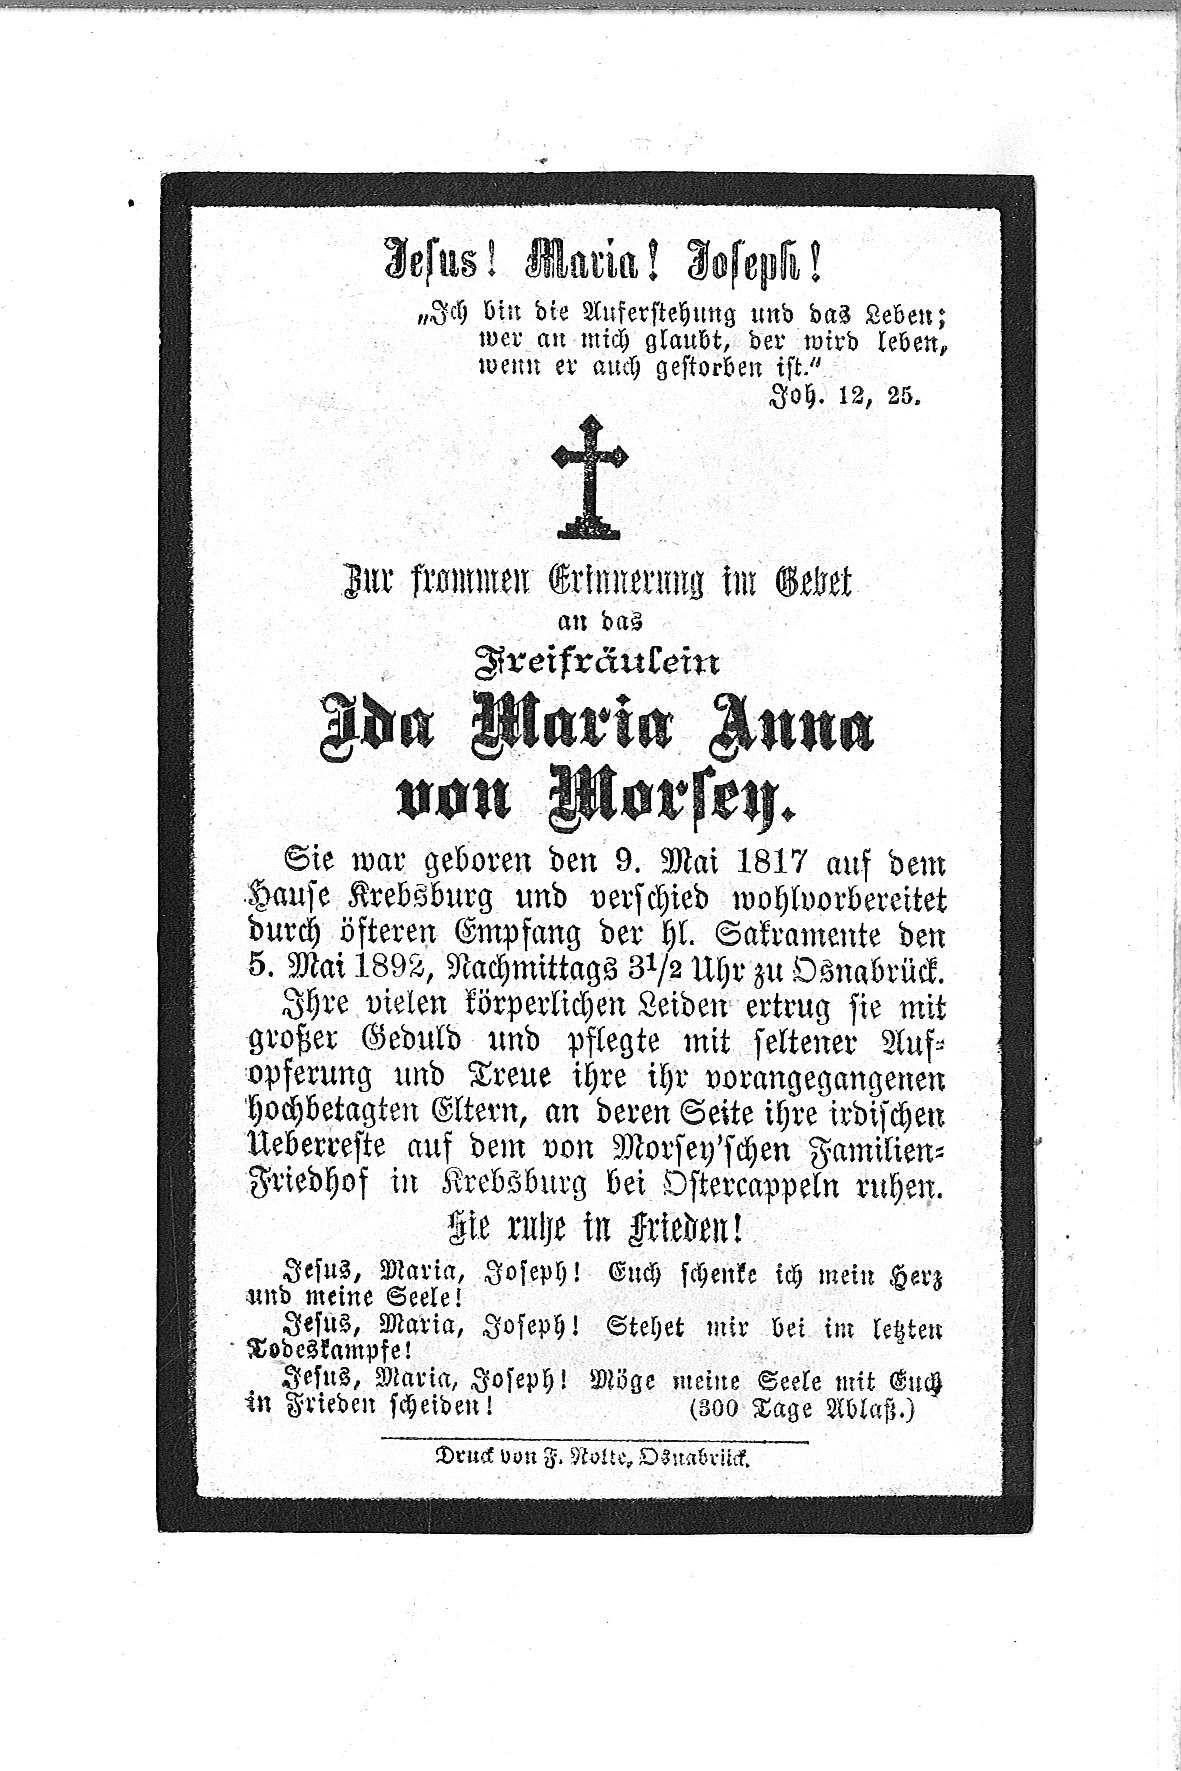 Ida-Maria-Anna-(1892)-20120831102402_00092.jpg